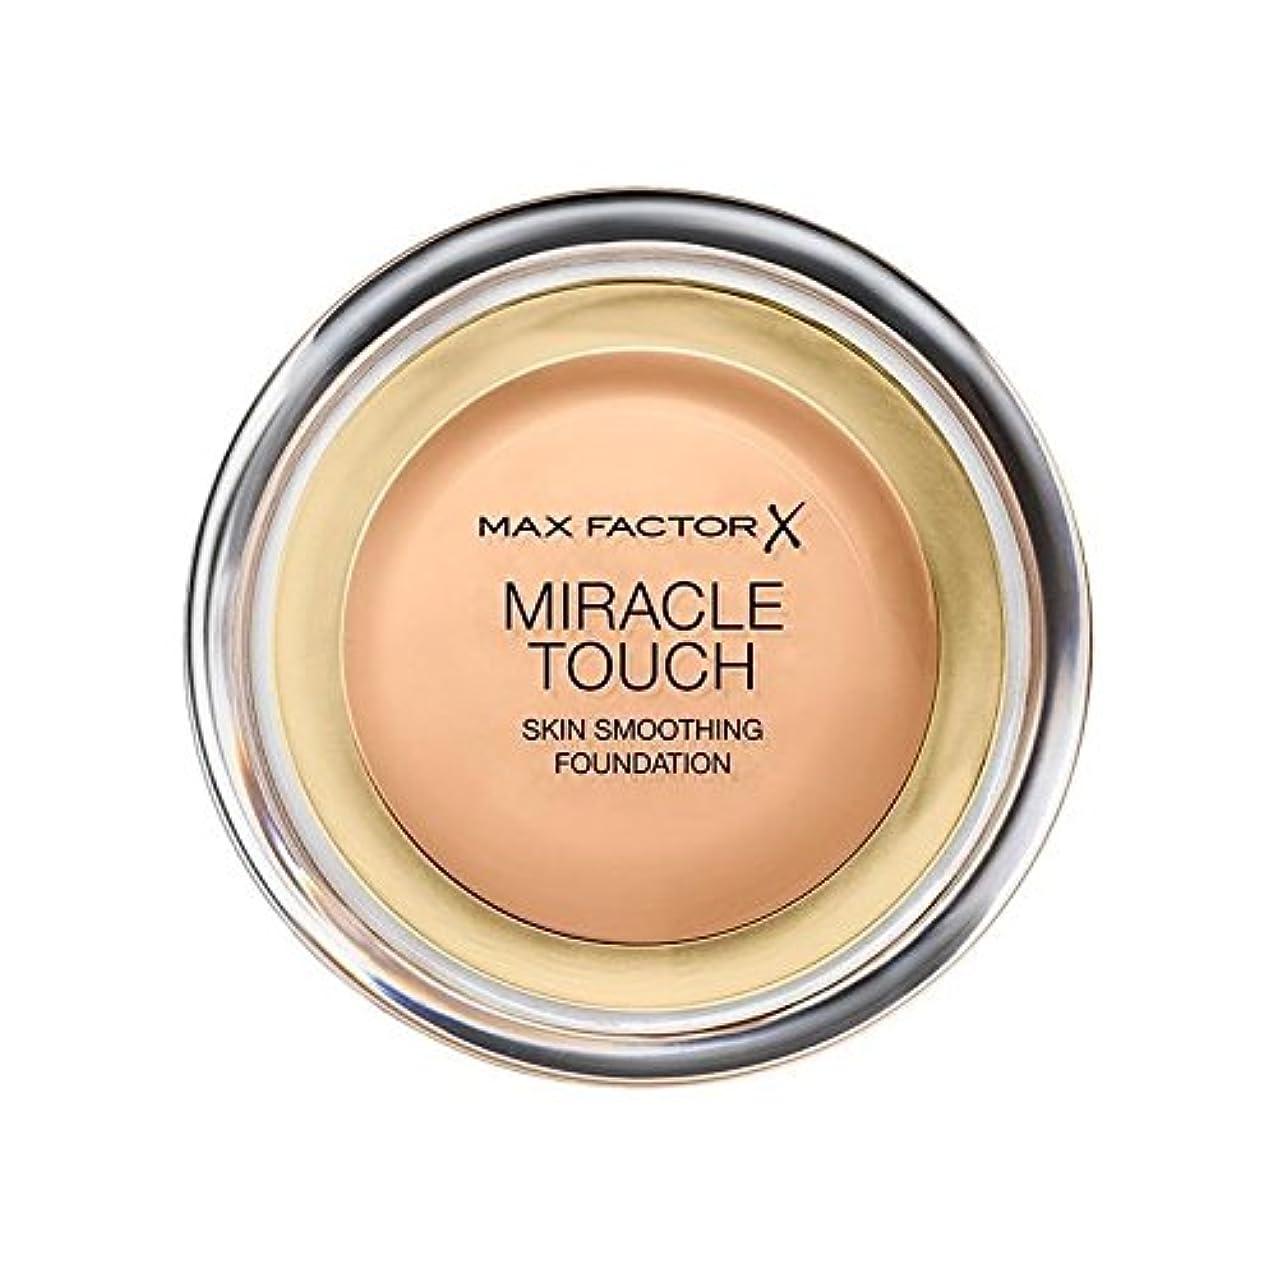 船委託牛肉Max Factor Miracle Touch Foundation Golden 75 - マックスファクターの奇跡のタッチ基盤黄金の75 [並行輸入品]